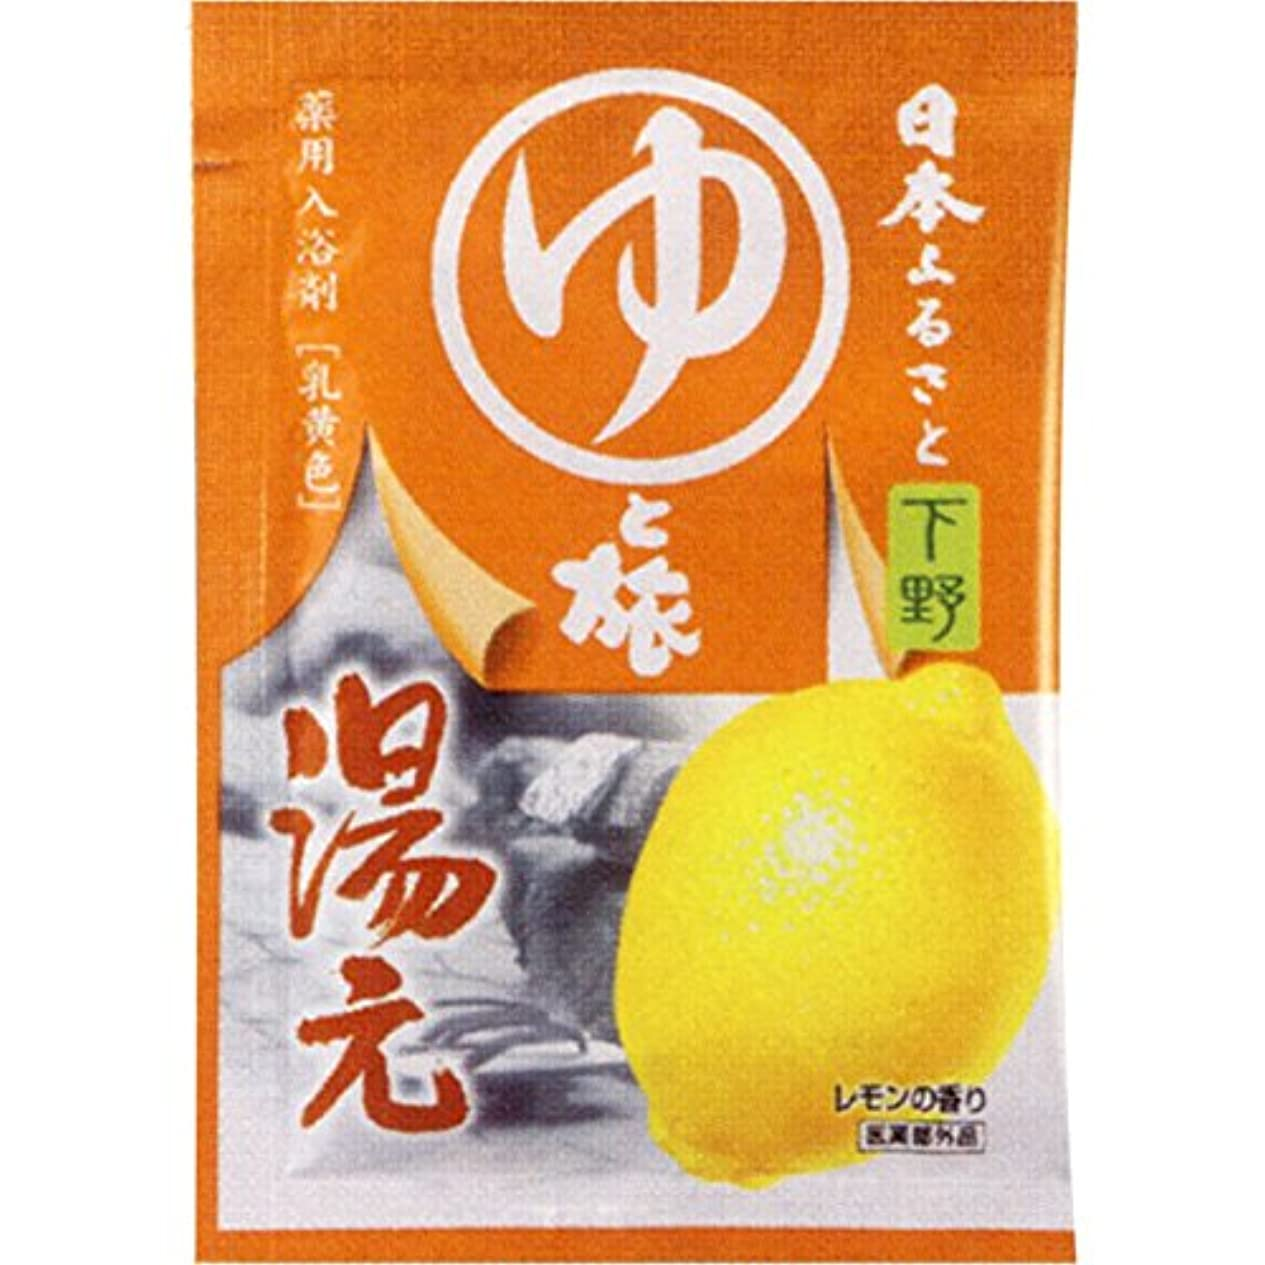 してはいけませんボクシング乗ってヤマサキ 日本ふるさとゆと旅 湯元 30g (医薬部外品)